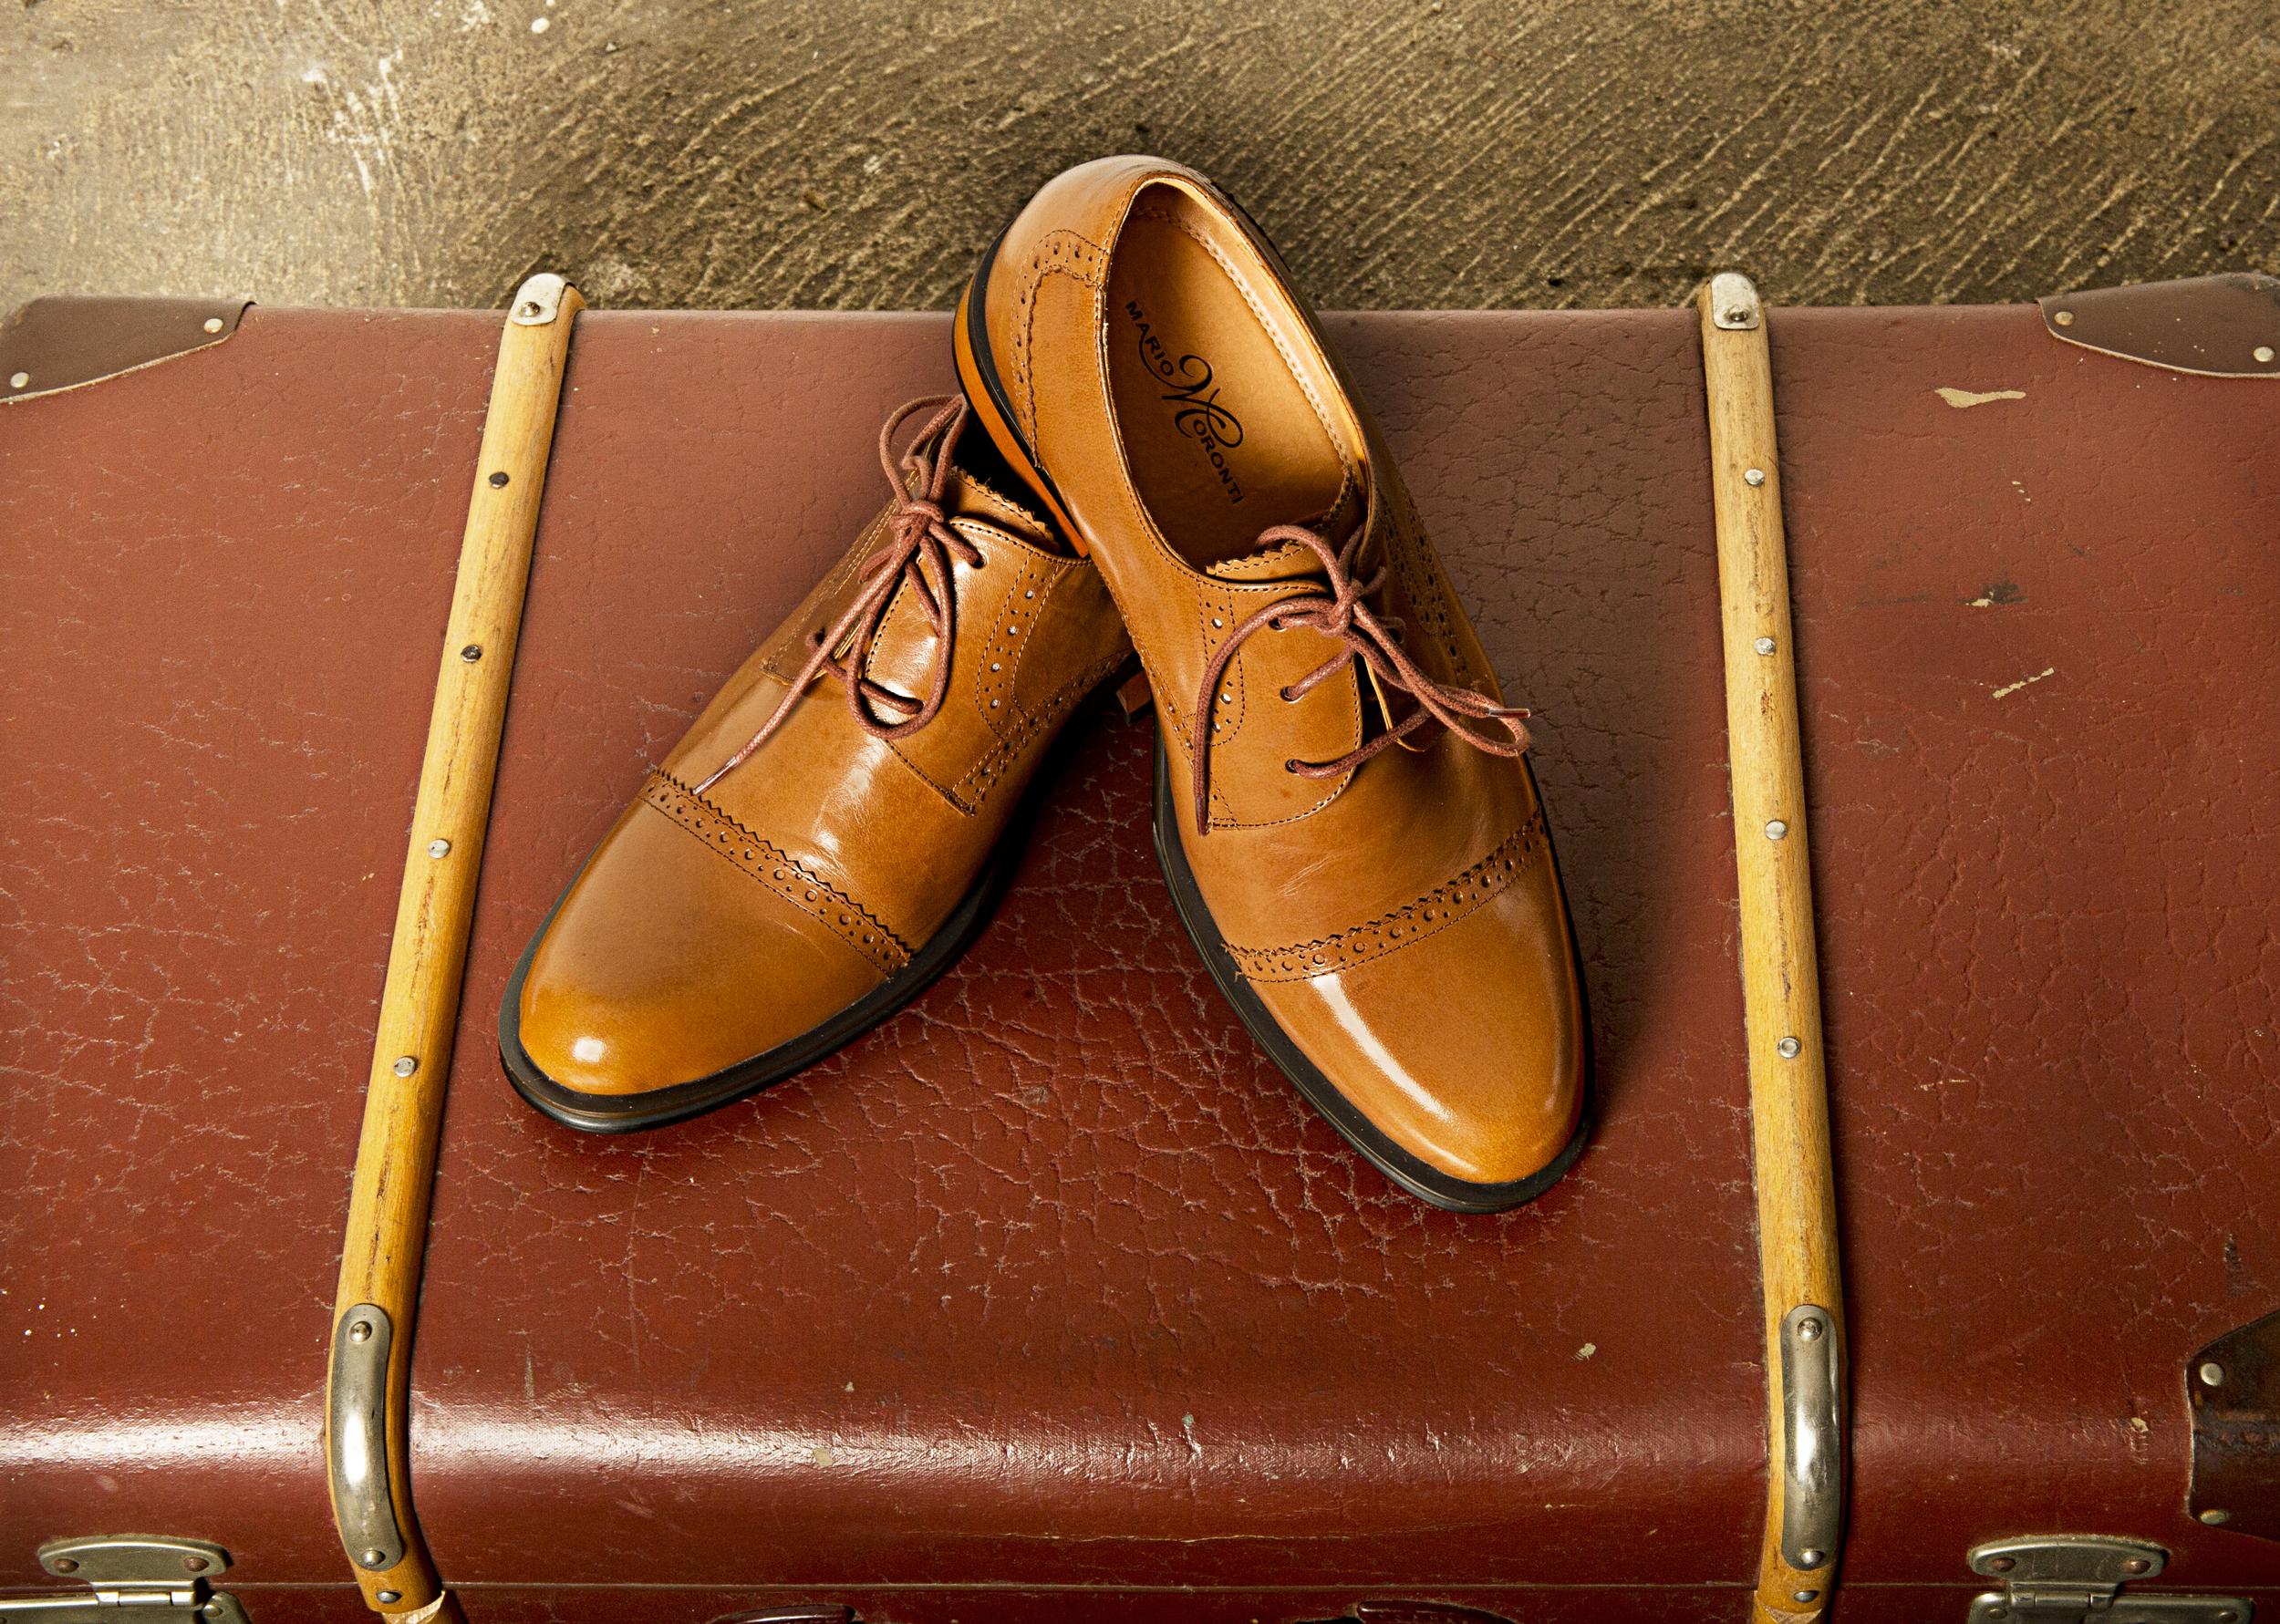 Schuhe die Größer machen! Herren und Frauenschuhe mit